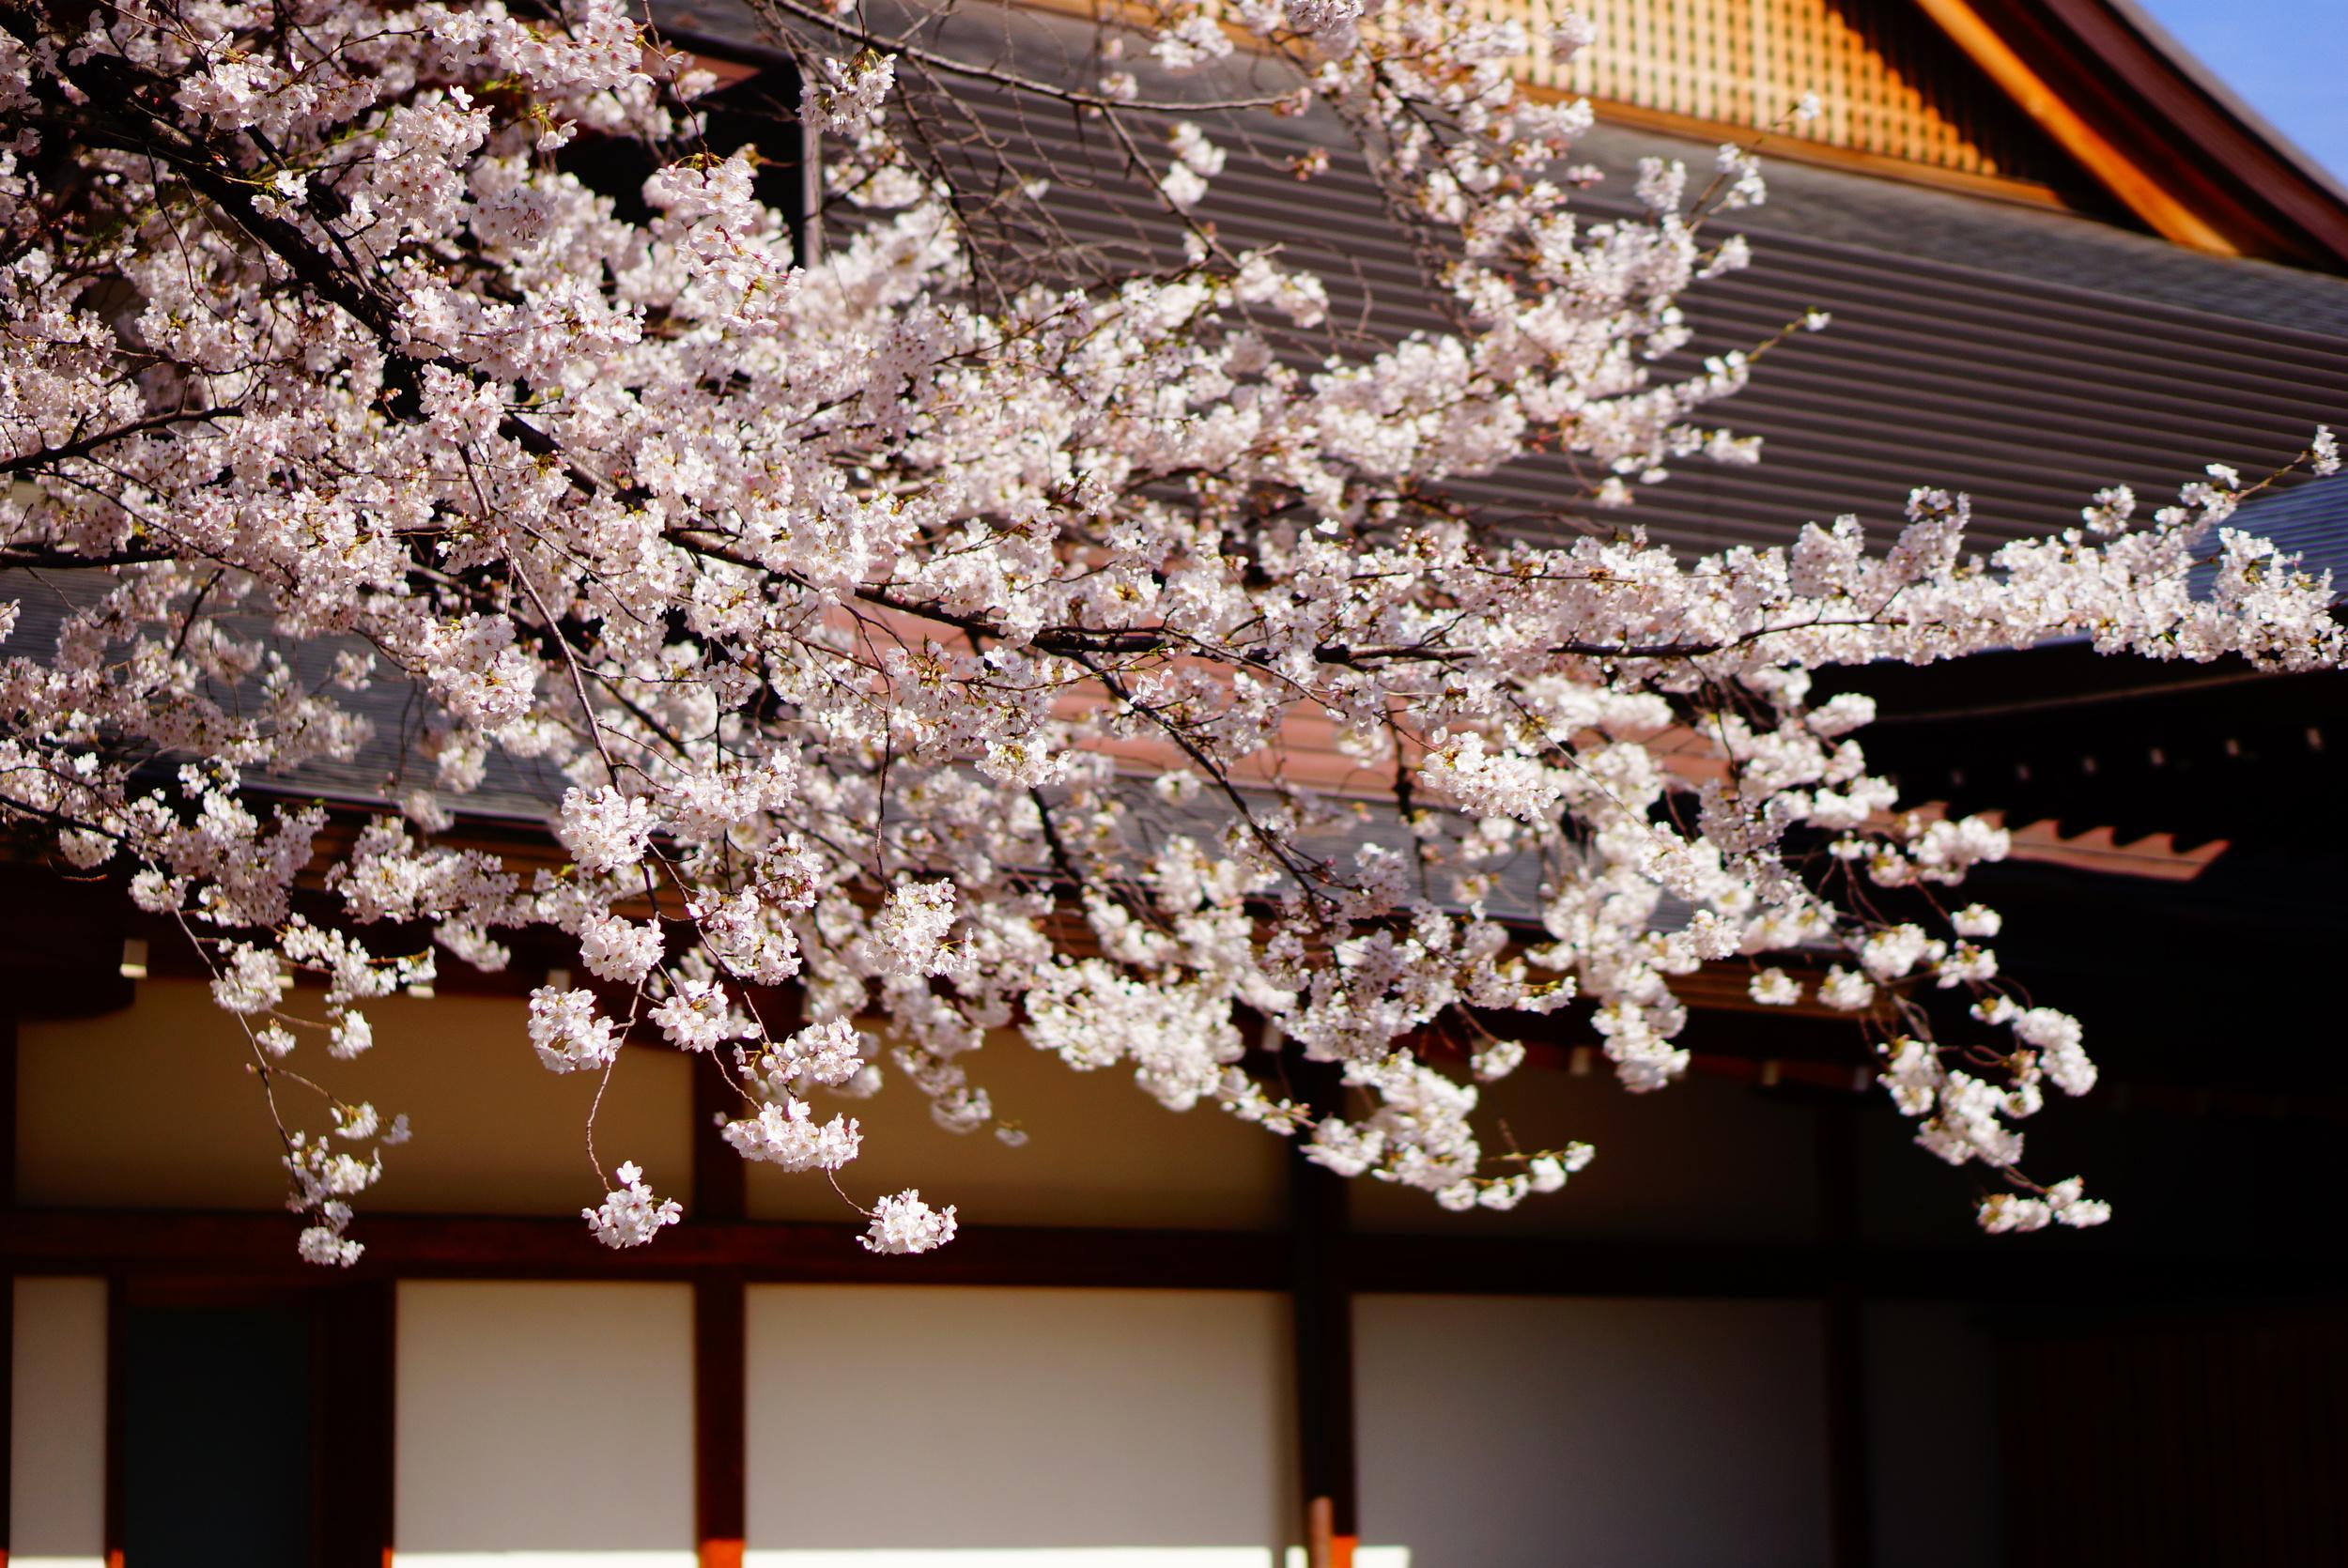 Hoa Anh đào Nhật Bản cực đẹp